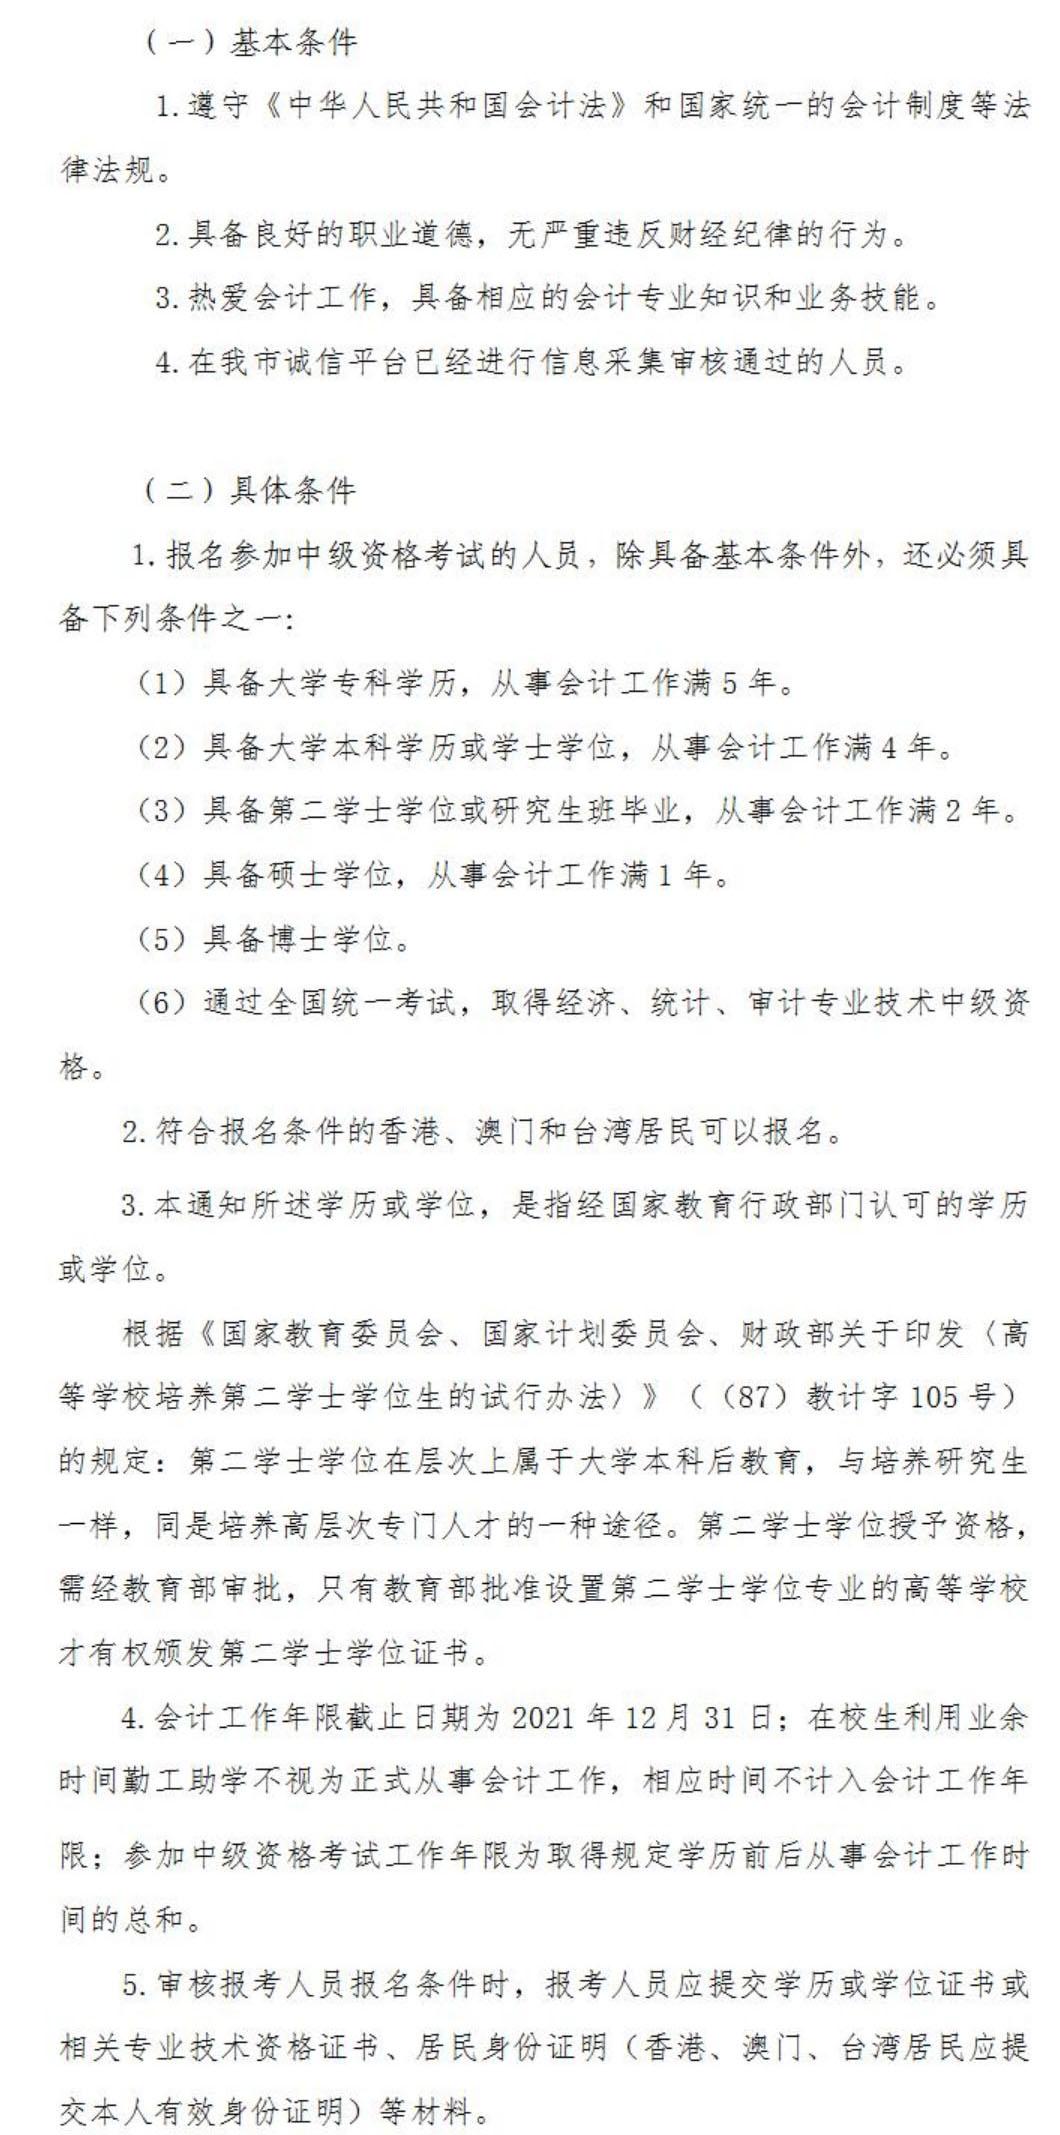 2021年天津中级会计职称考试报名条件已公布